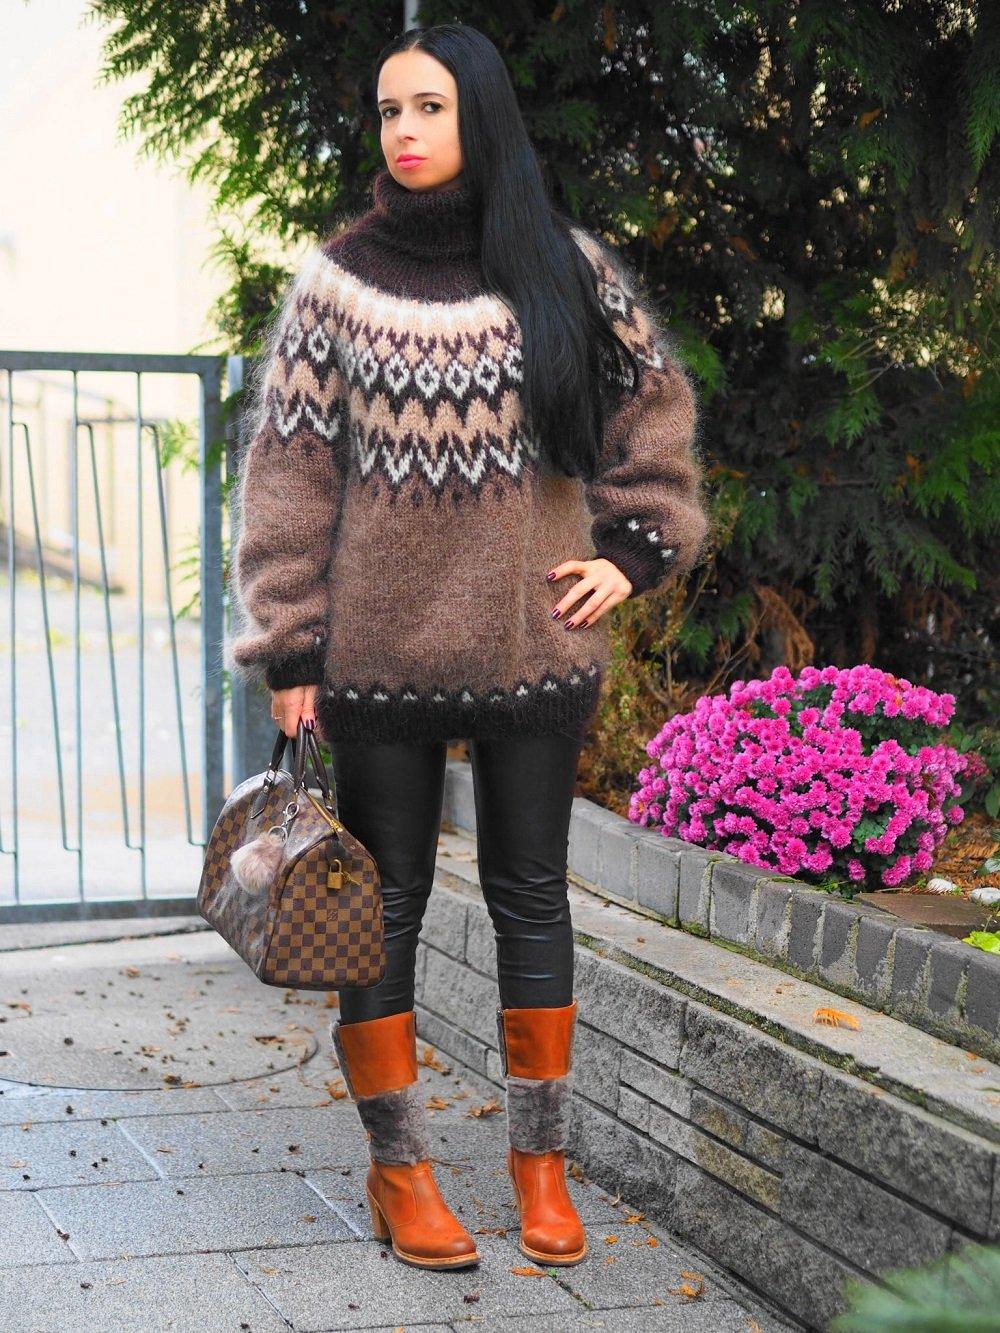 Heute zeige ich auf meinem Blog einen Islandpullover von Supertanya Knitwear, den ich zu eleganten Brauntönen kombiniert habe und erzähle seine Geschichte